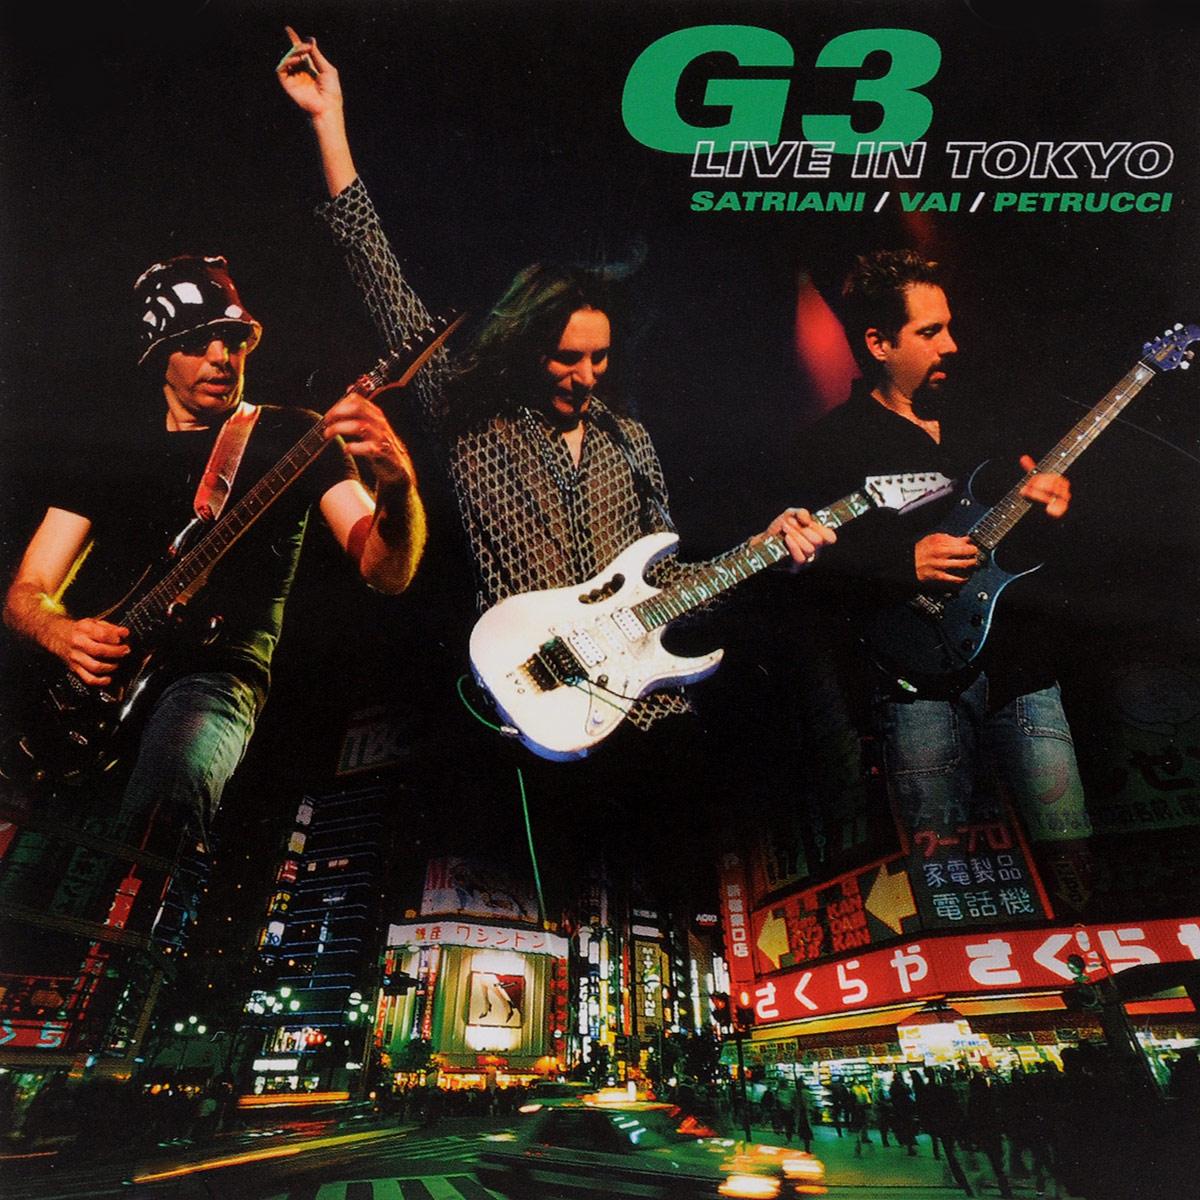 Джо Сатриани G3: Joe Satriani / Steve Vai / John Petrucci. G3 Live In Tokyo (2 CD) джо сатриани joe satriani original album classics 5 cd